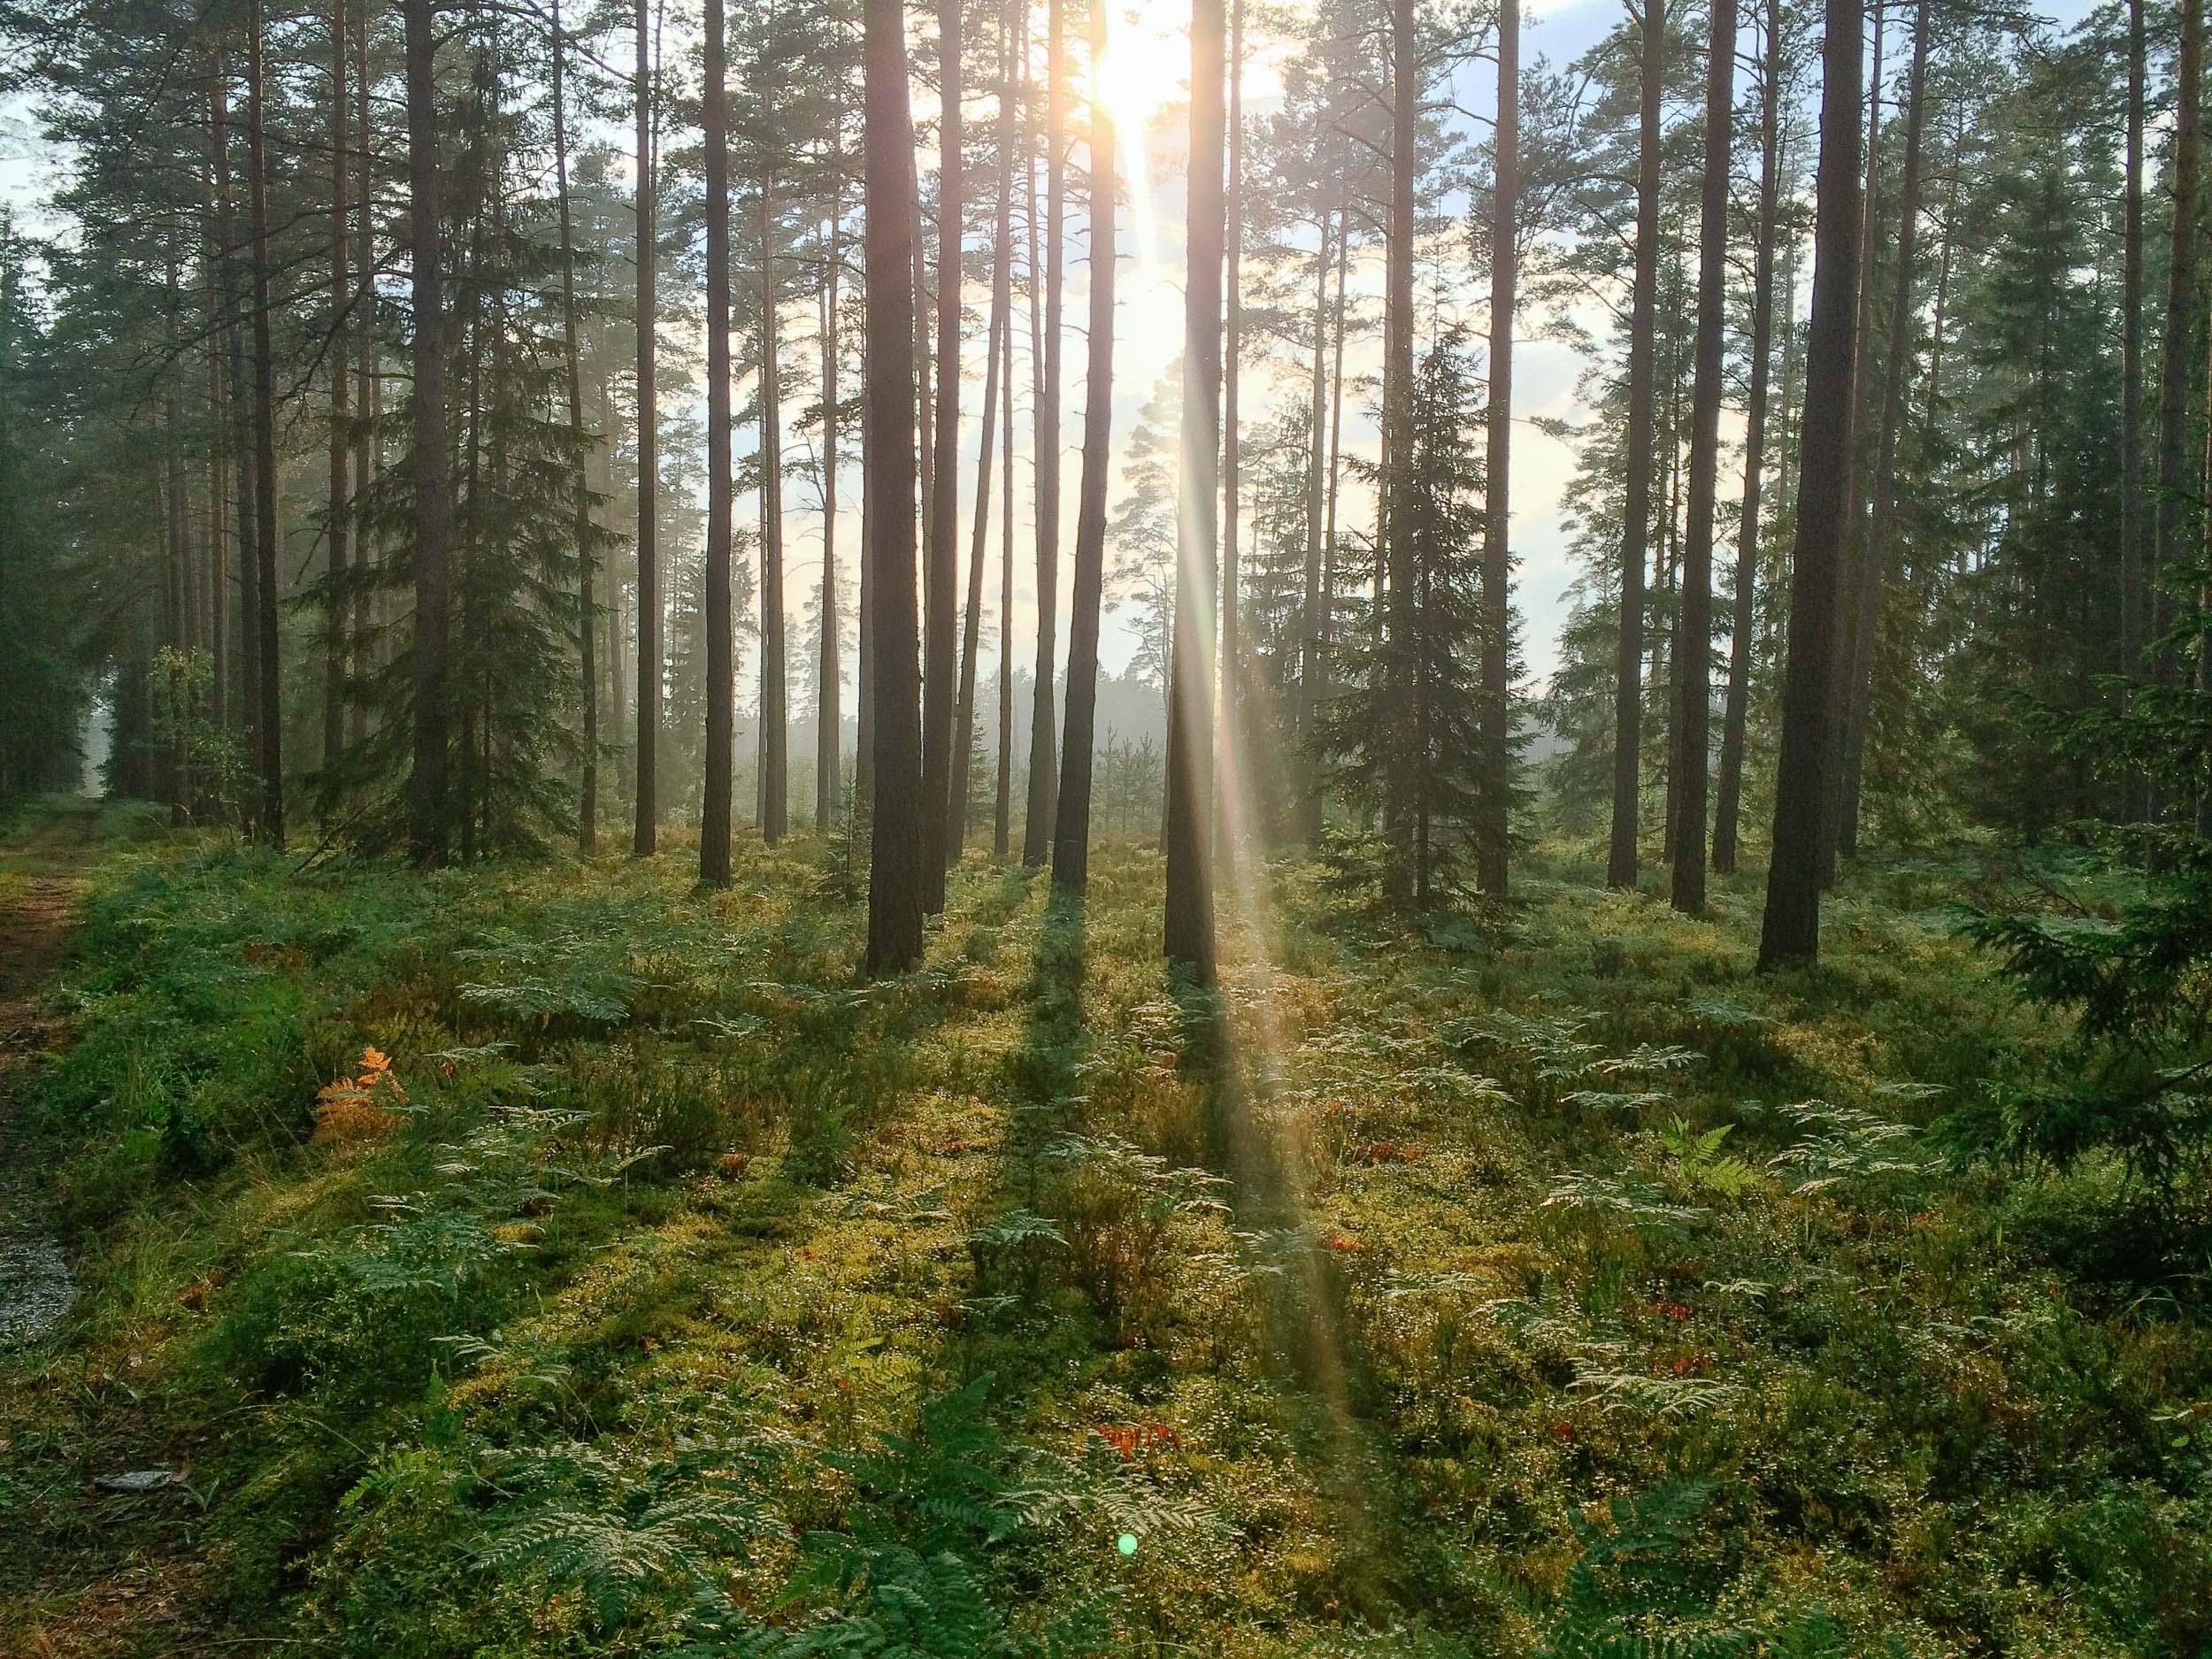 meža kadrs no 8. augusta skrējiena